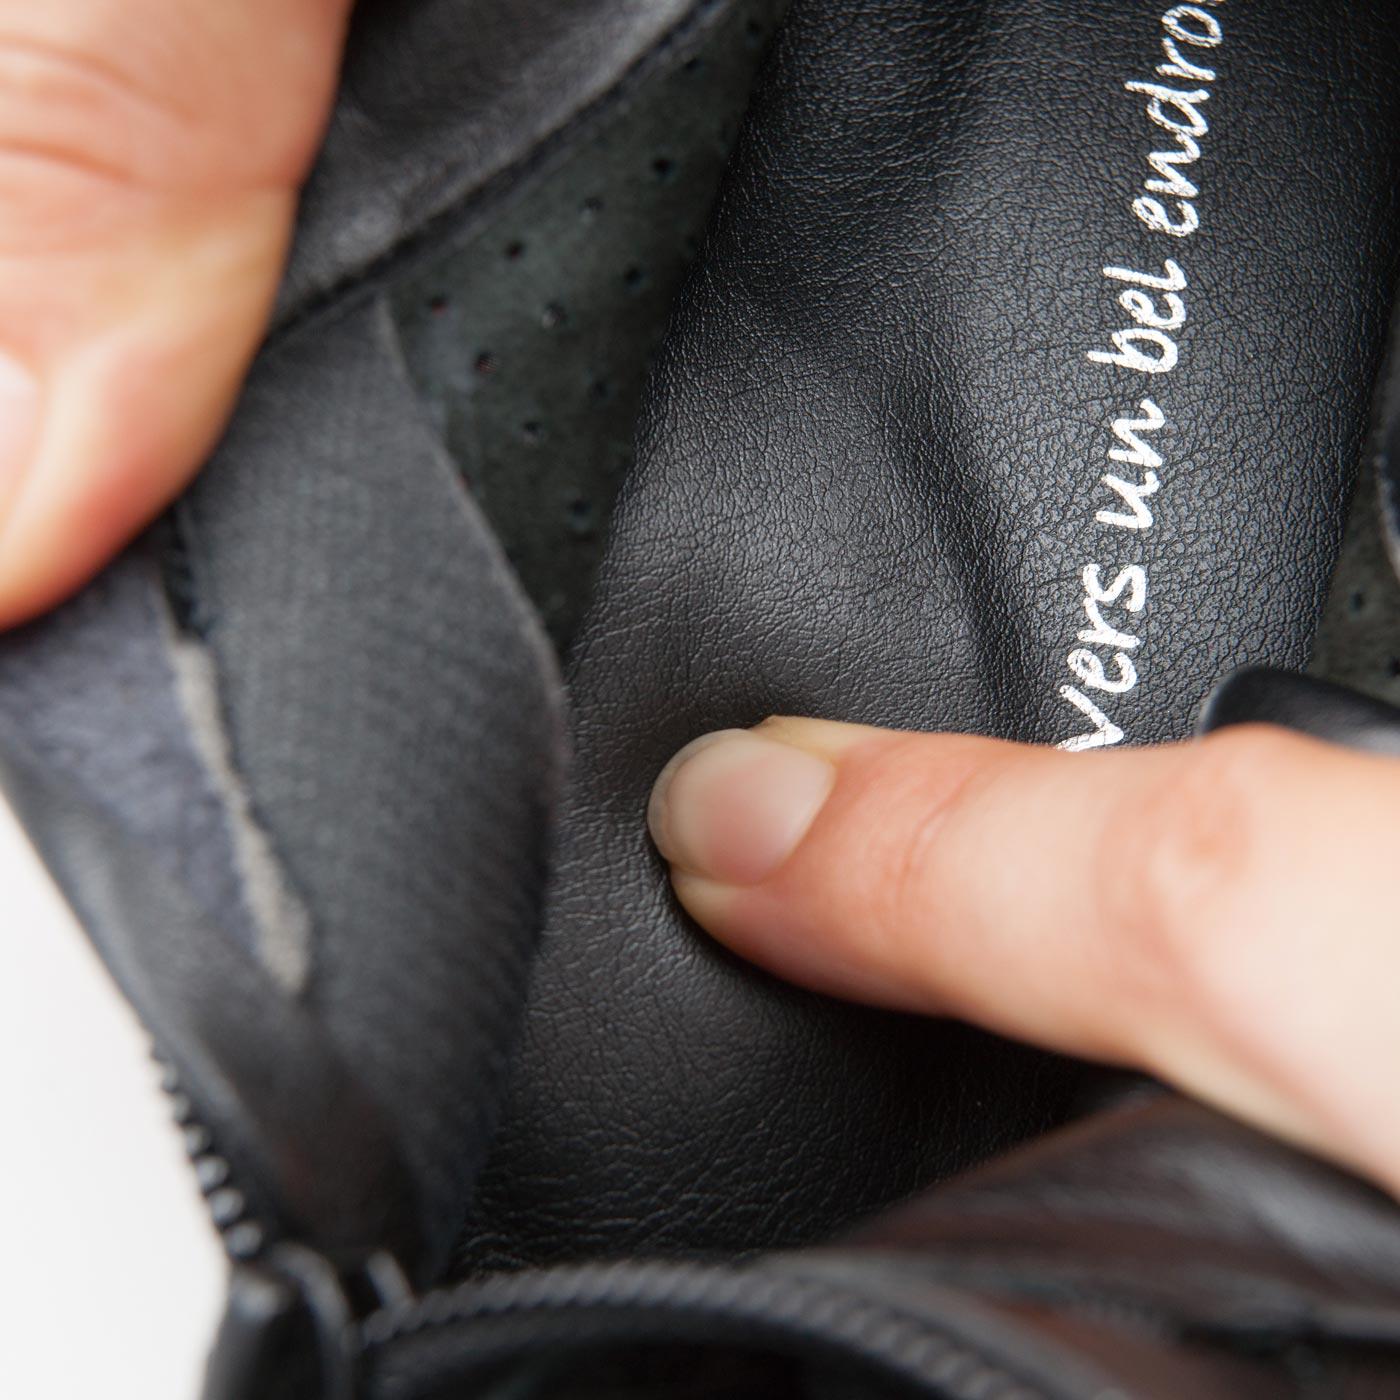 中敷きかかと部分には、たまご型の低反発素材を内蔵。アーチクッションが土踏まずをサポートして歩きやすい。